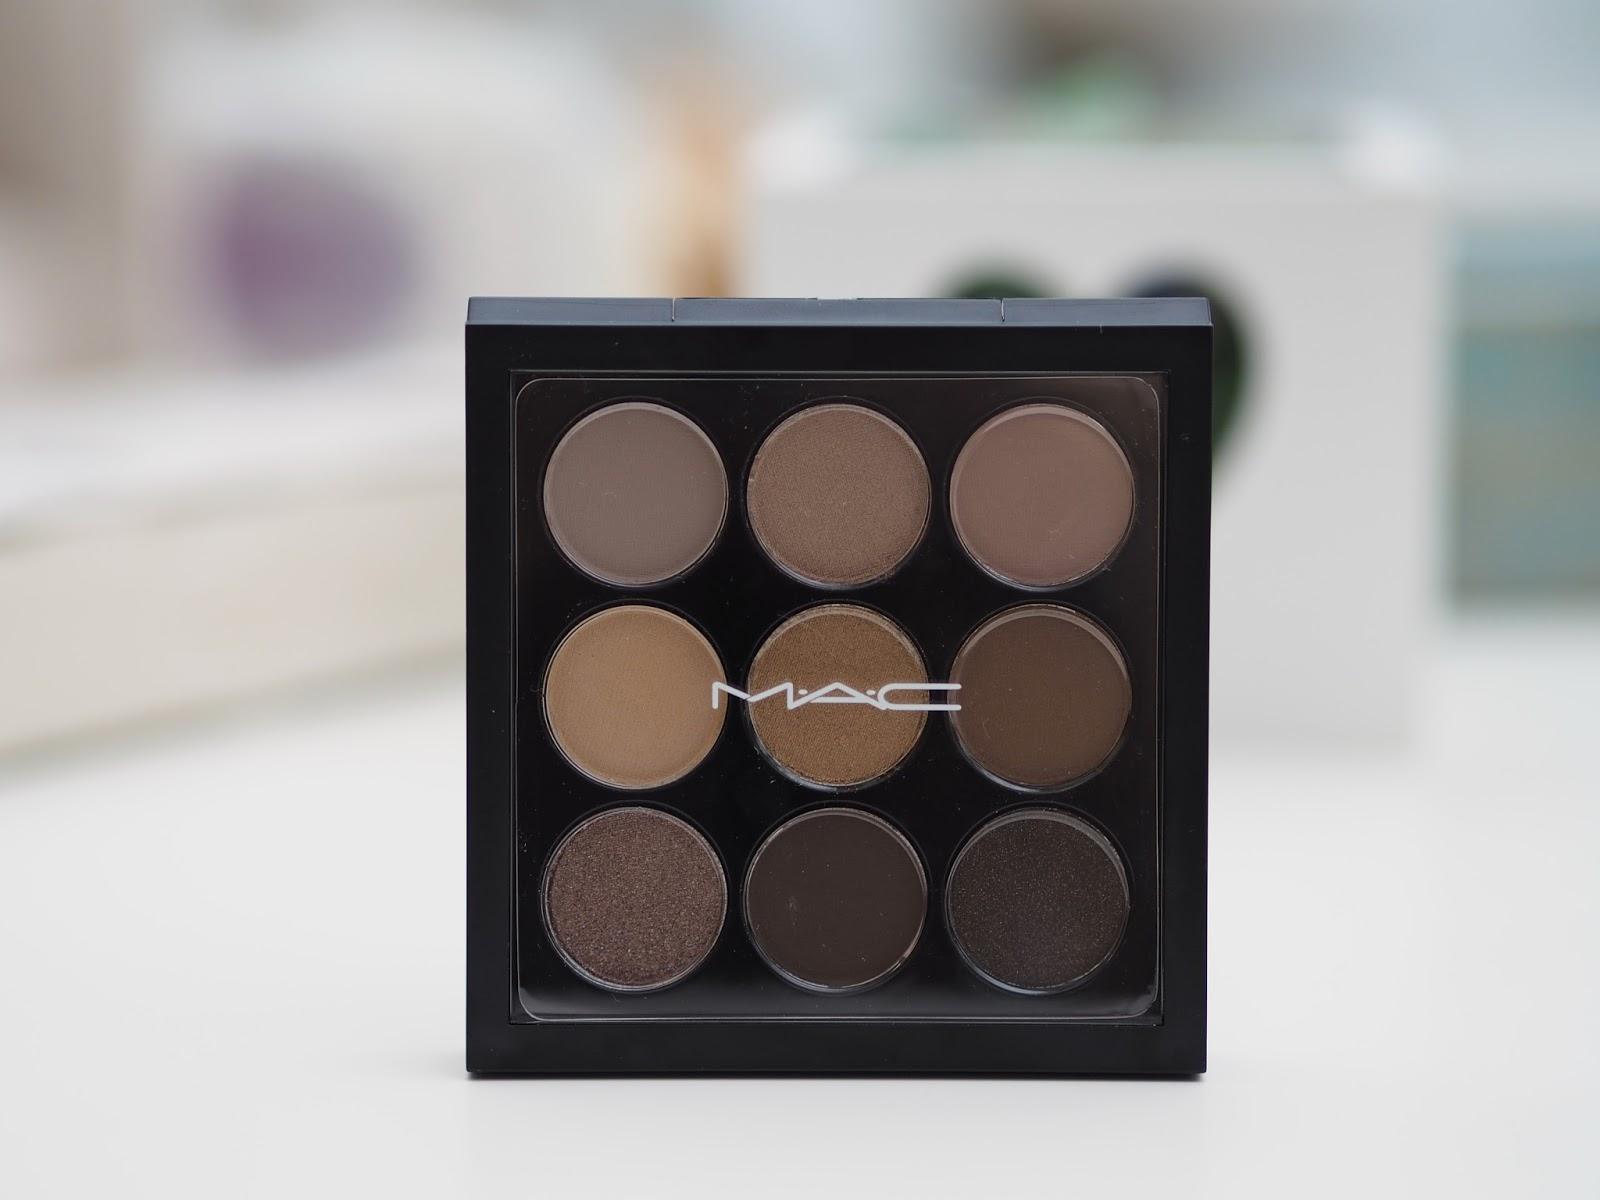 MAC Eyeshadow Palette in 'Amber Times Nine'